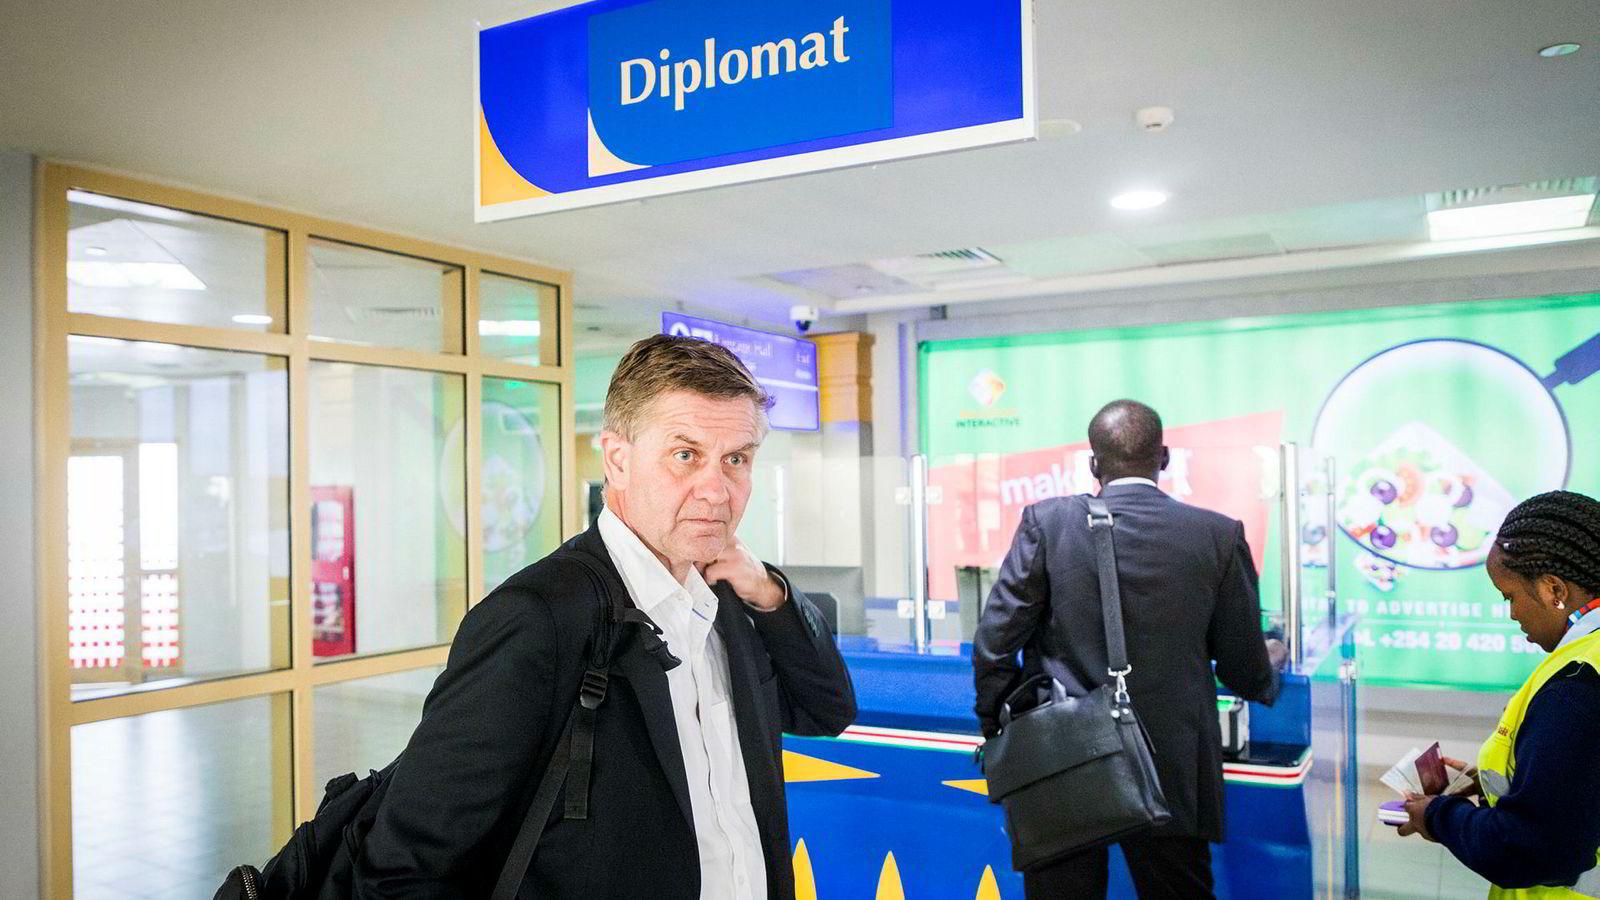 Erik Solheim hadde en høy internasjonal profil, fløy mye – men var nok ikke like opptatt av å lede medarbeiderne. Her er han avbildet på flyplassen i Nairobi.